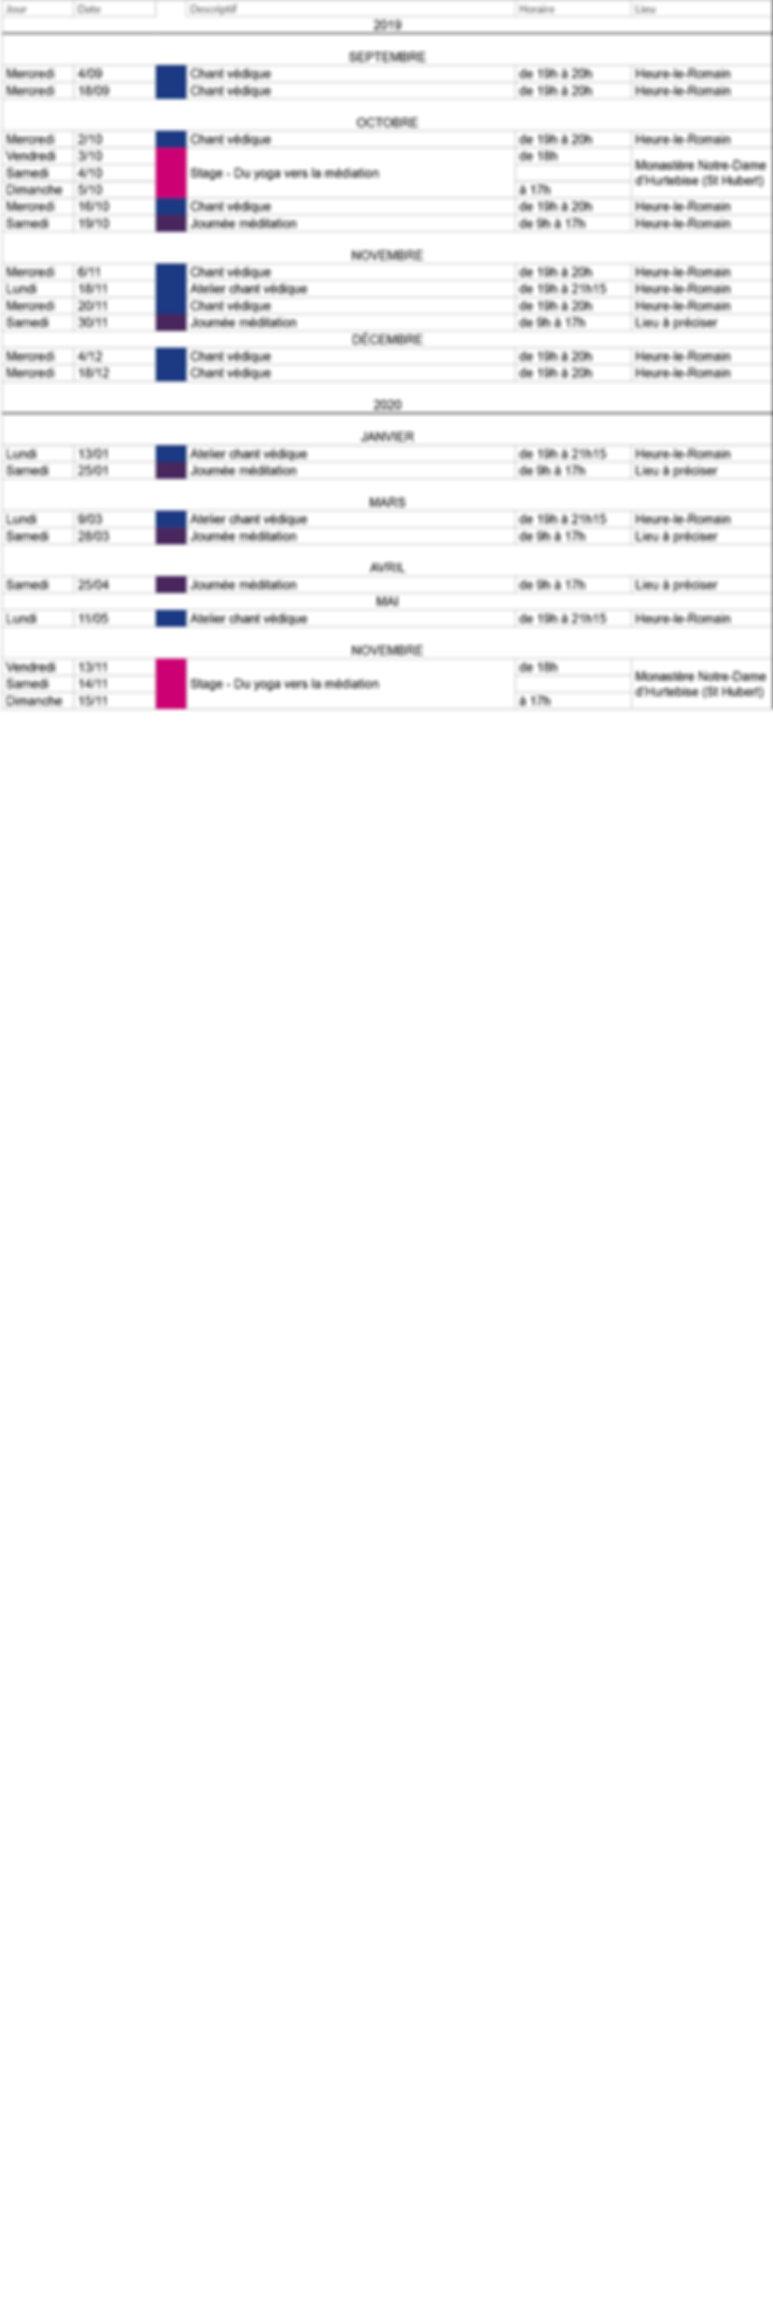 AGENDA 2019_OCT 02.jpg